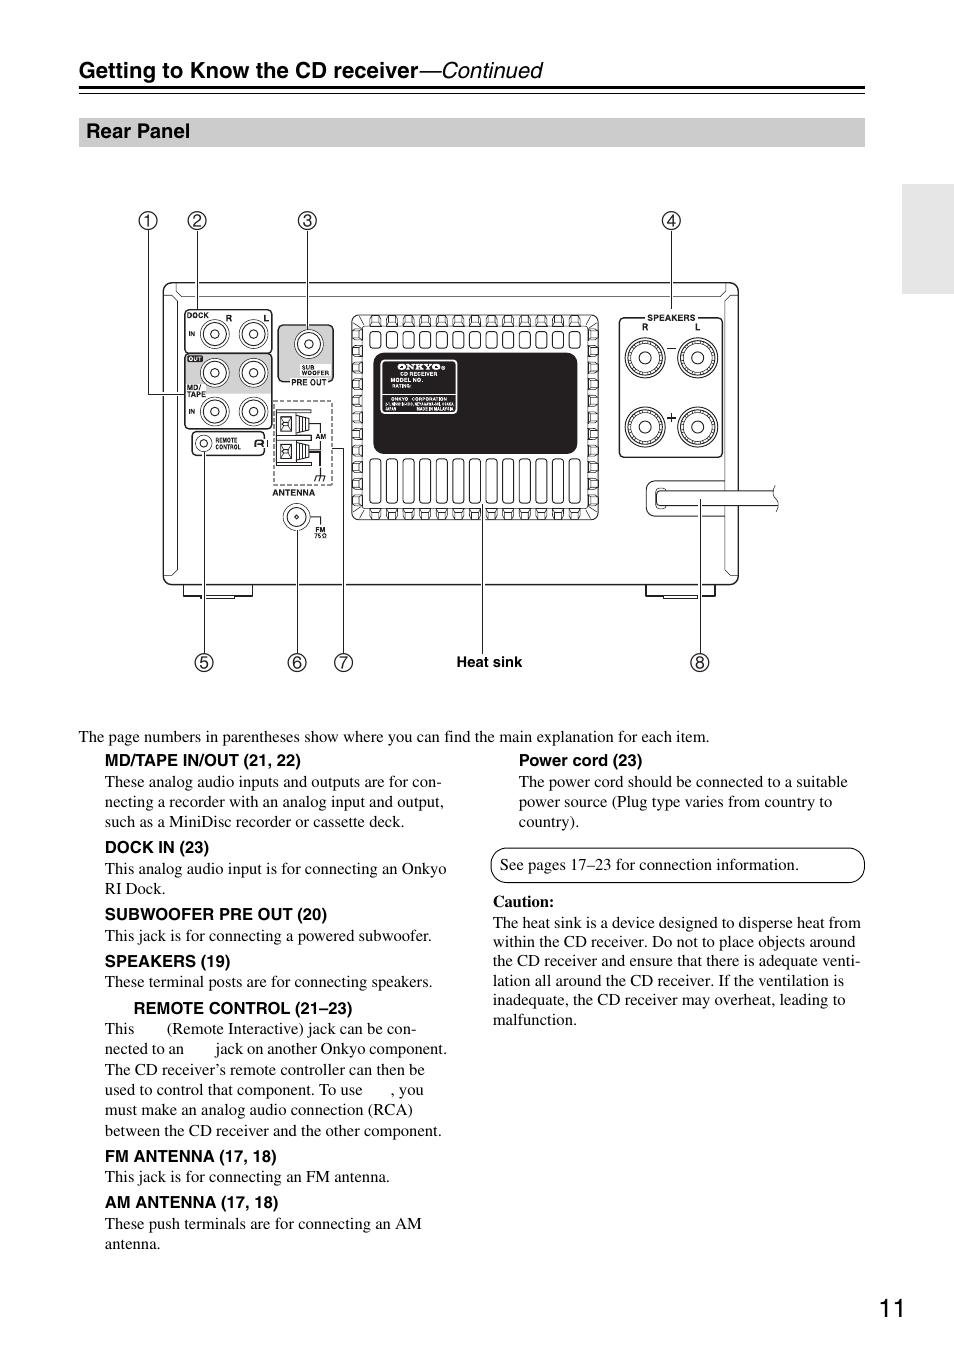 rear panel onkyo cr 325 user manual page 11 60 original mode rh manualsdir com Onkyo or Denon Onkyo CR 325 Receiver CD